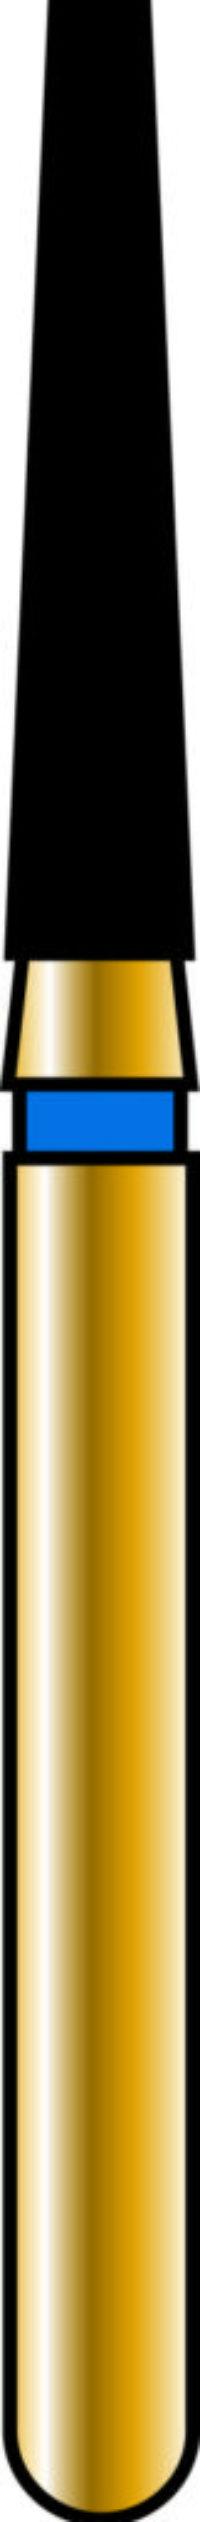 Flat End Taper 16-8mm Gold Diamond Bur